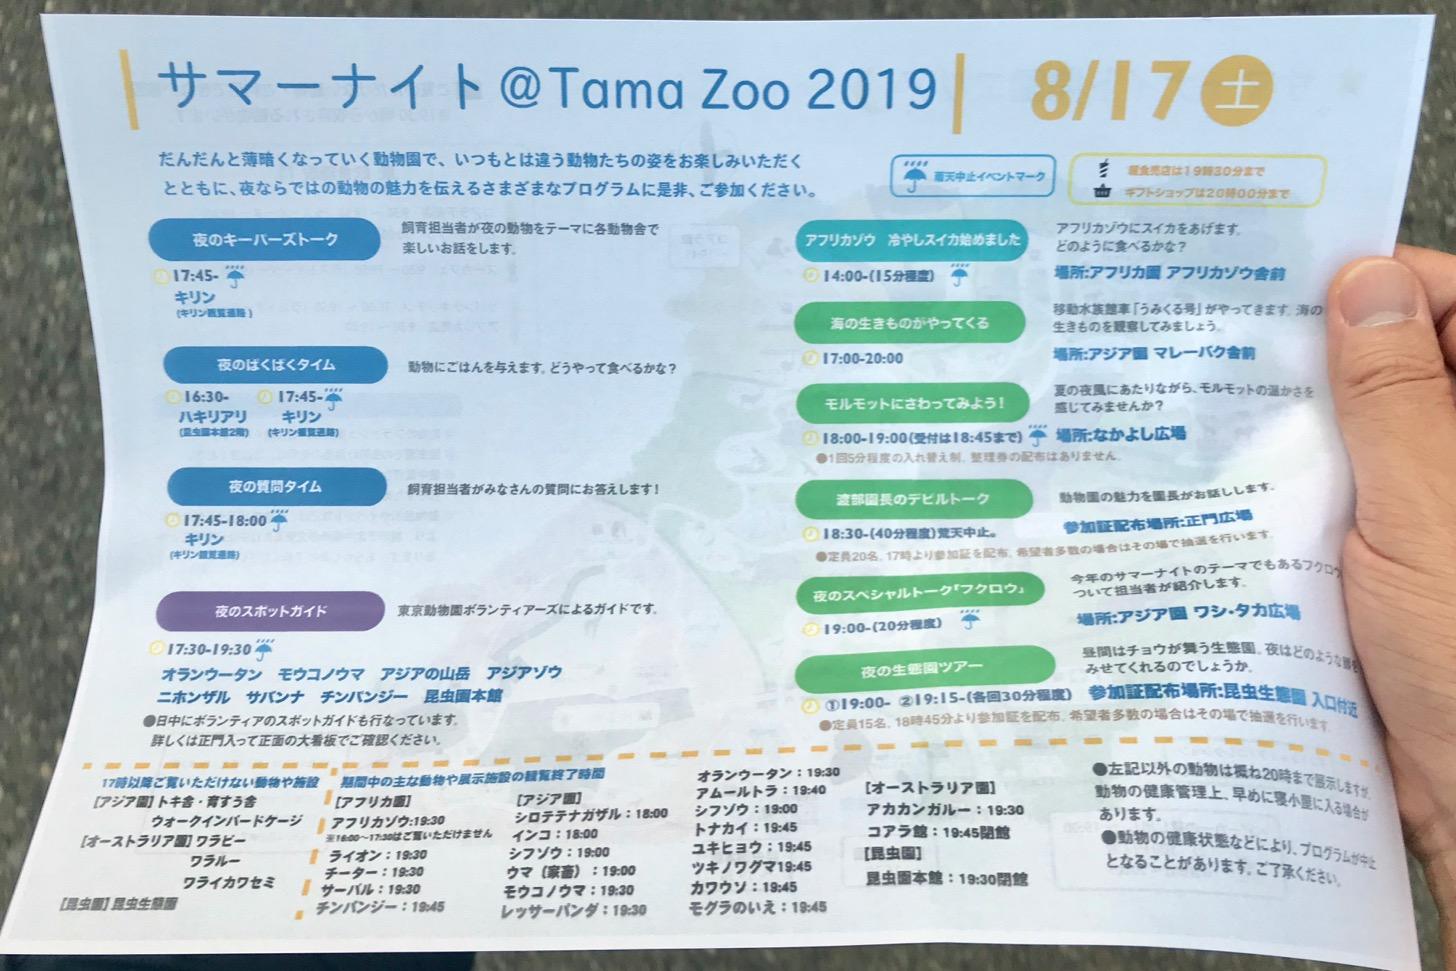 サマーナイト@Tama Zoo 2019──イベント